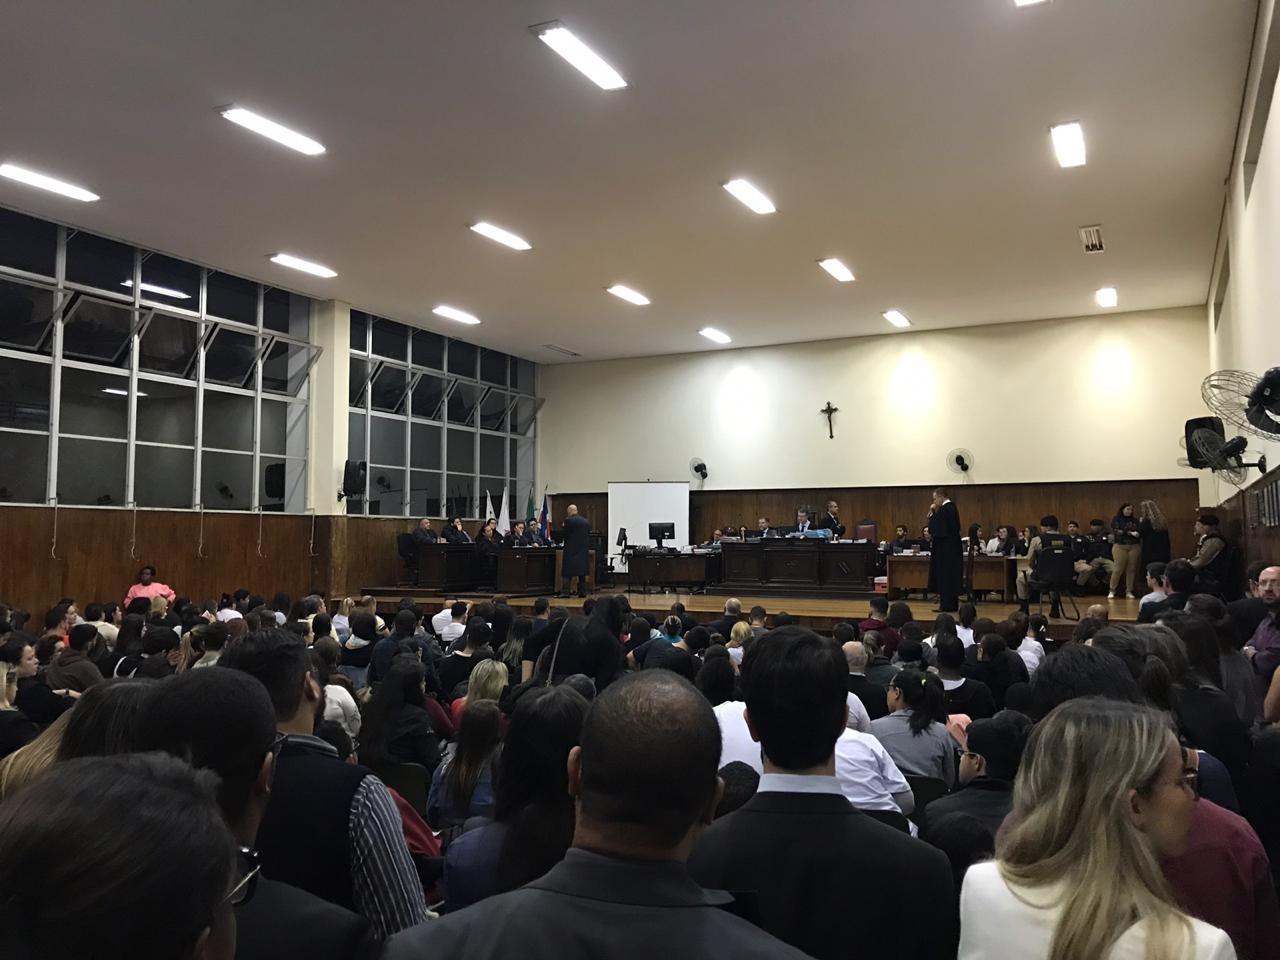 Caso Goldoni: réus são ouvidos e julgamento é suspenso após jurado passar mal em Juiz de Fora - Notícias - Plantão Diário